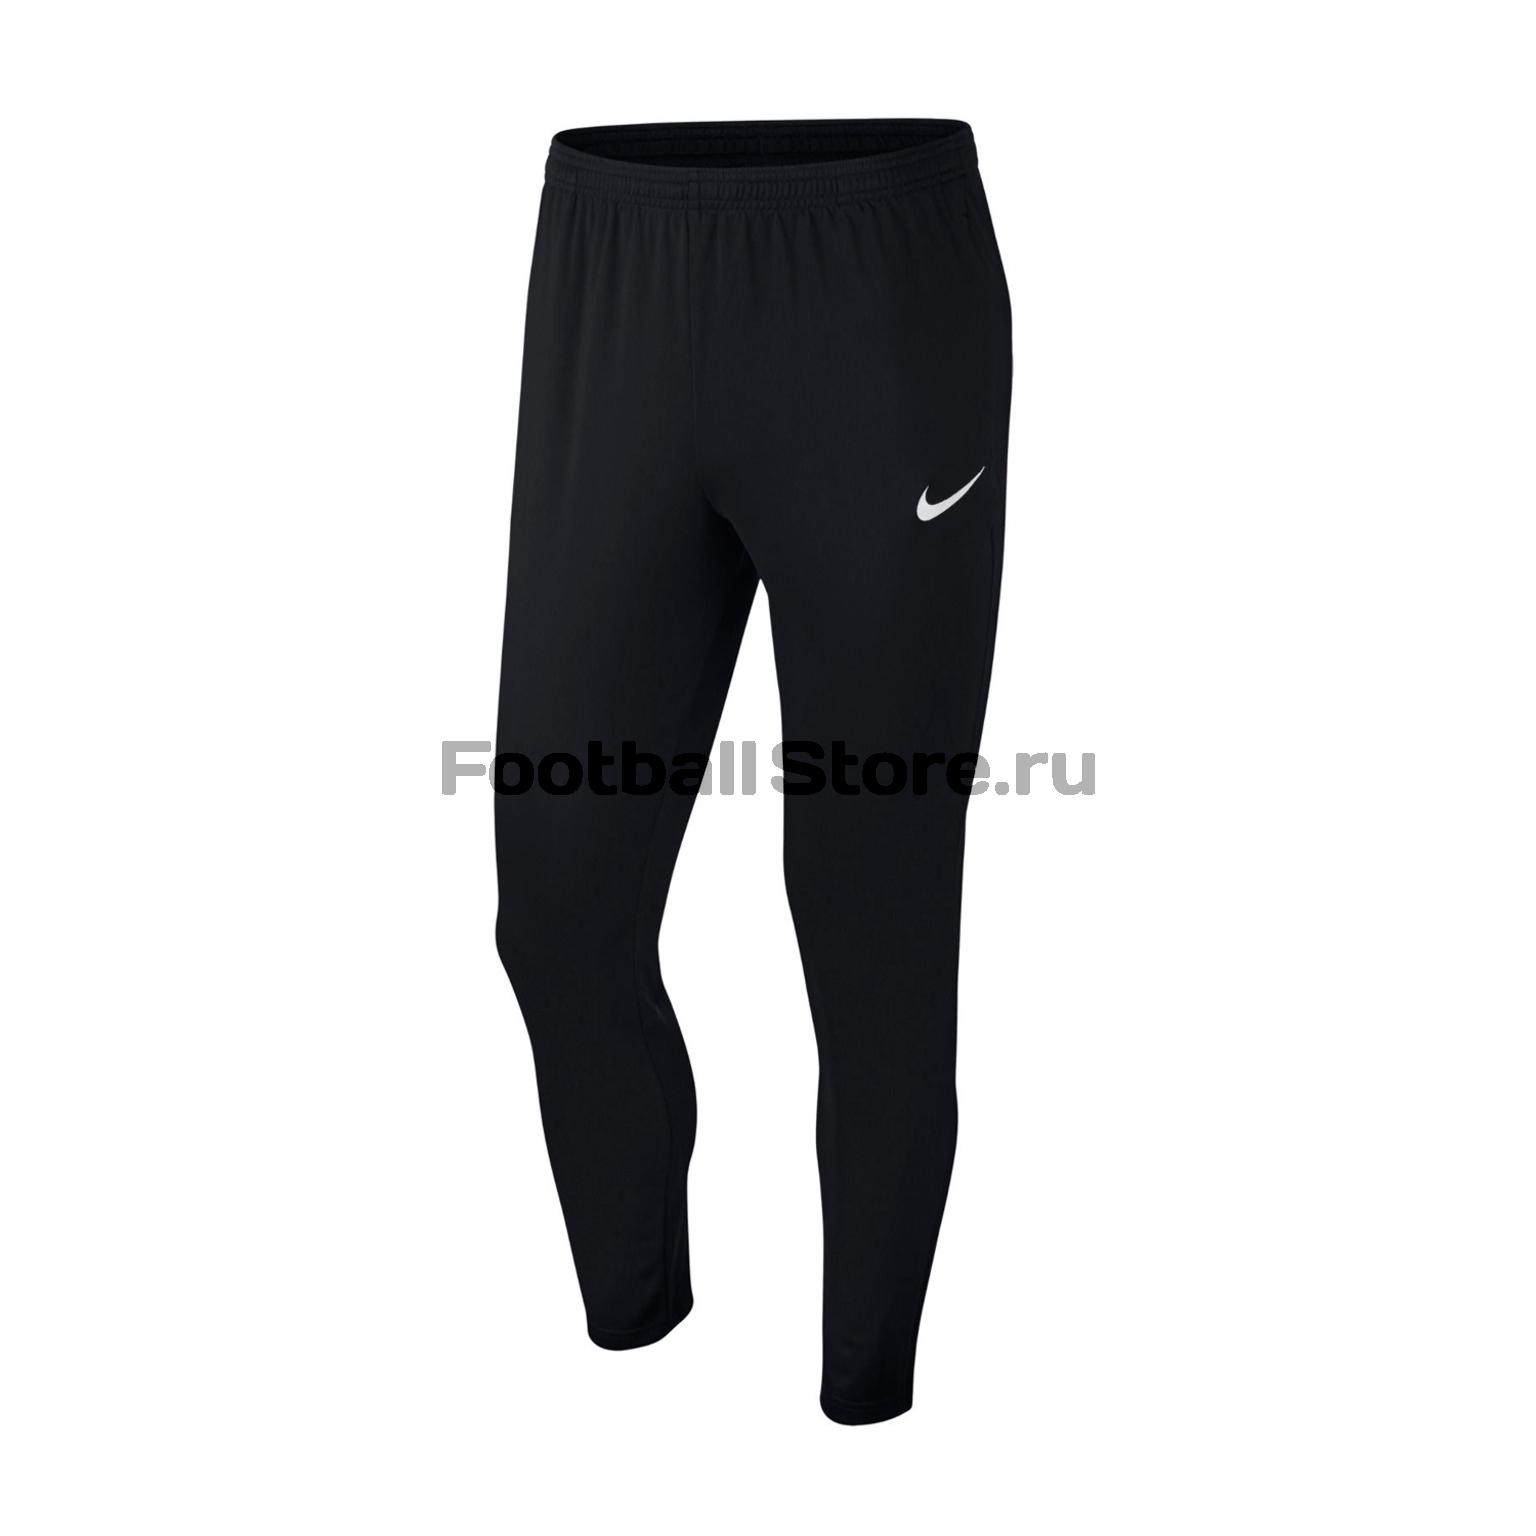 Брюки подростковые Nike Dry Academy18 Pant 893746-010